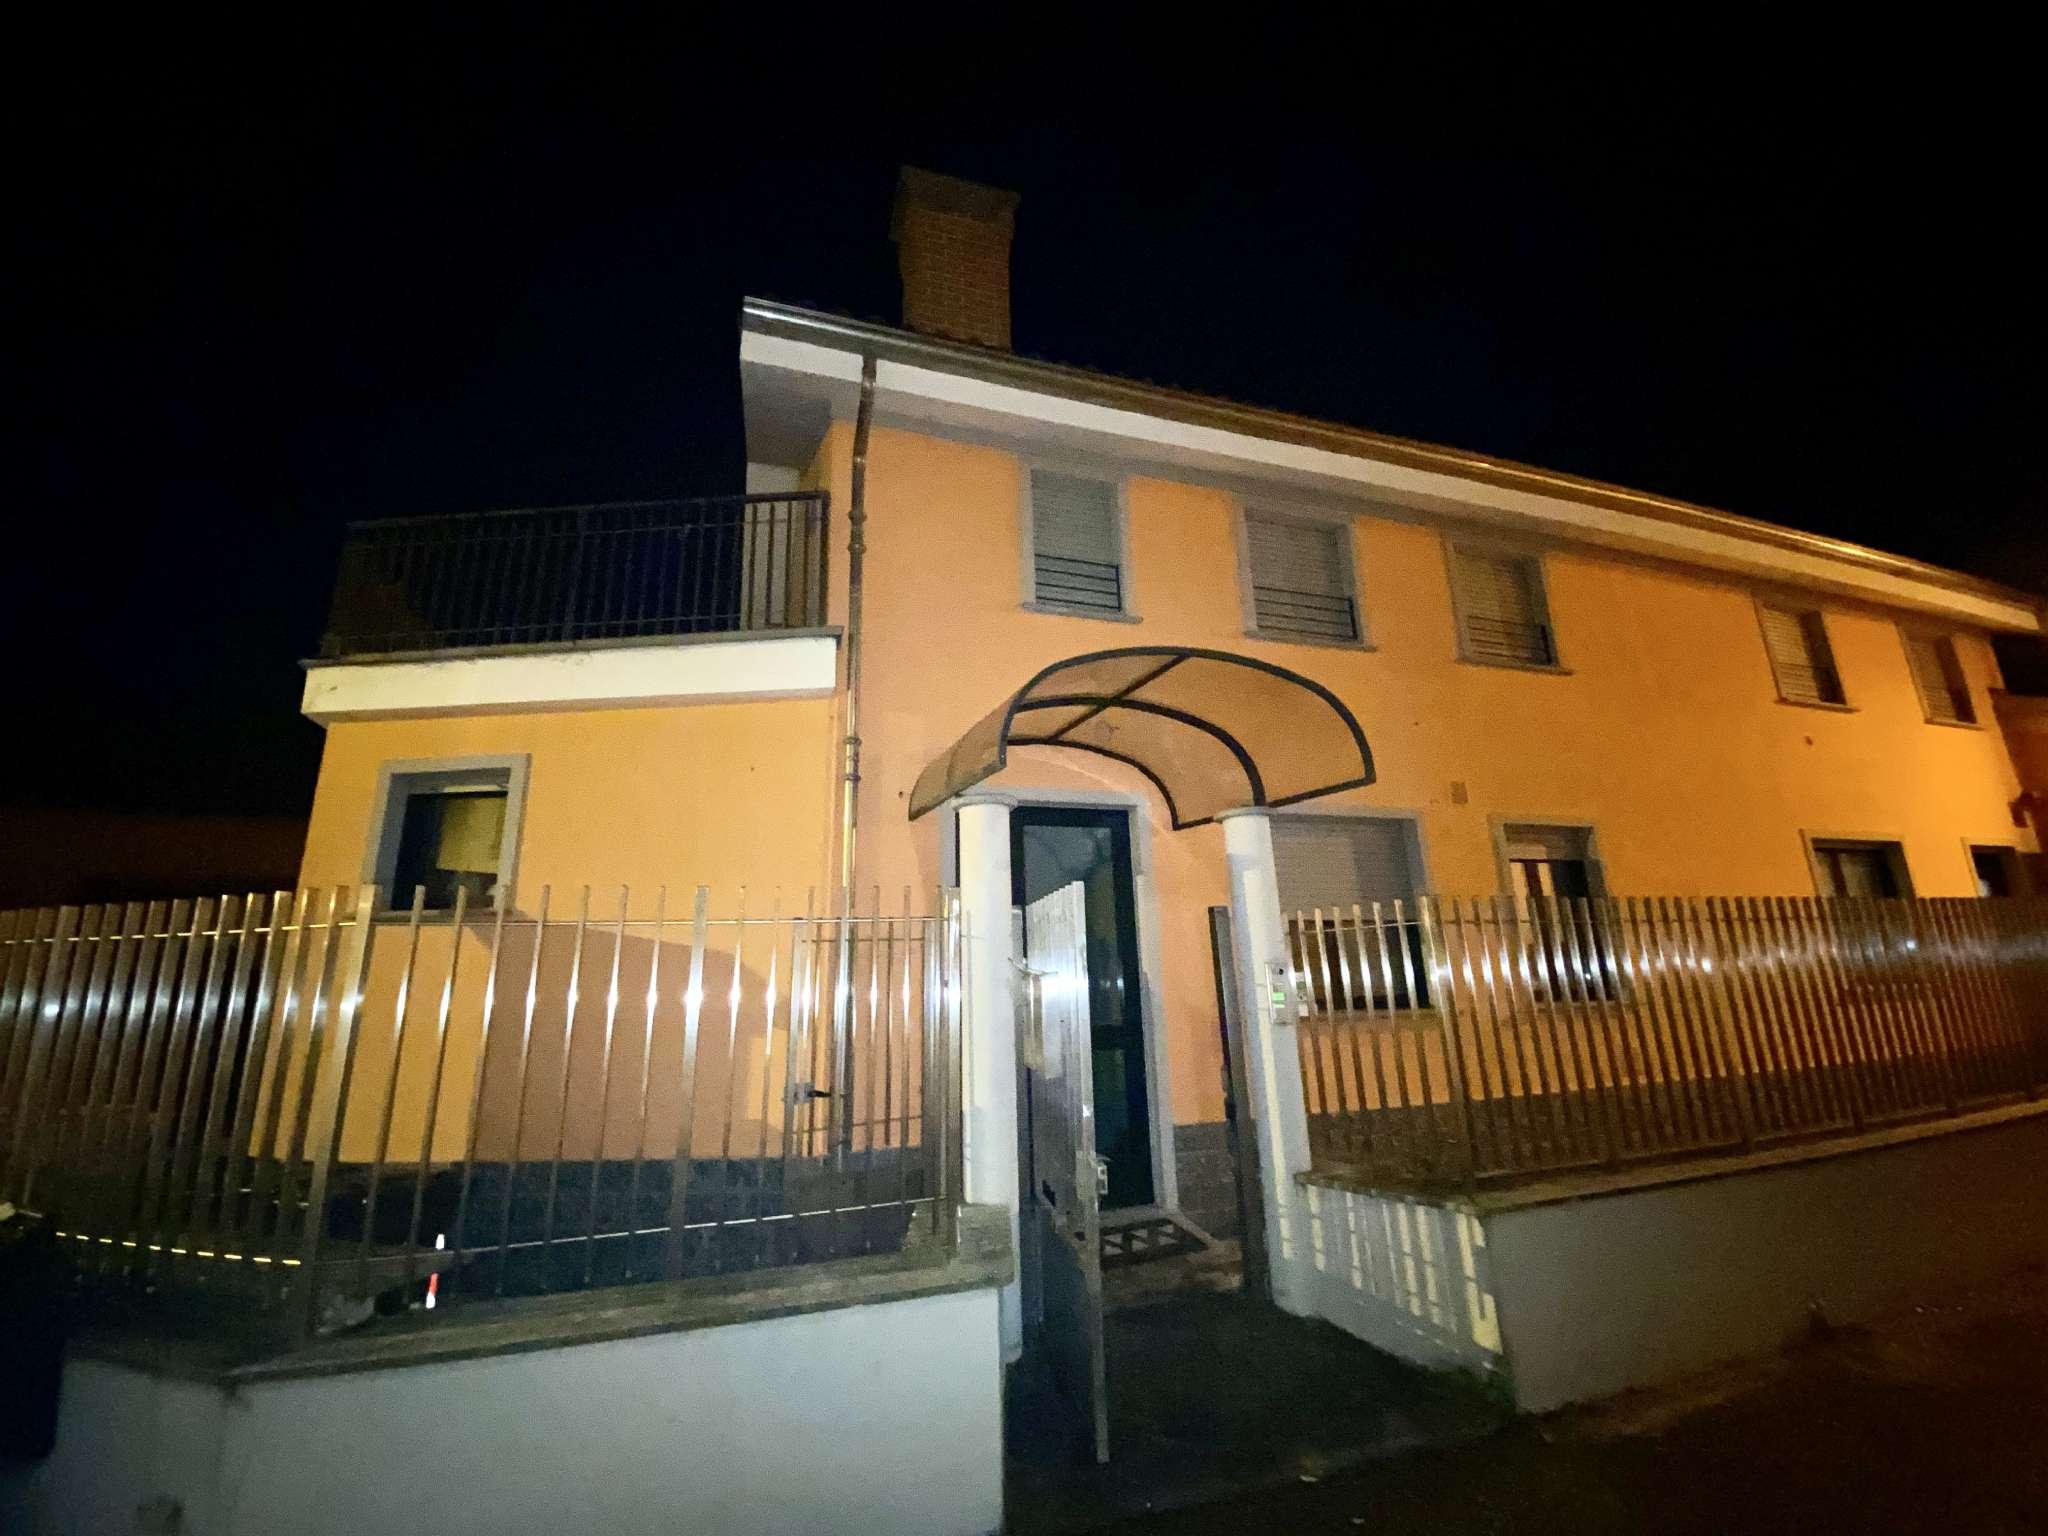 Appartamento in affitto a Trofarello, 3 locali, prezzo € 450 | PortaleAgenzieImmobiliari.it